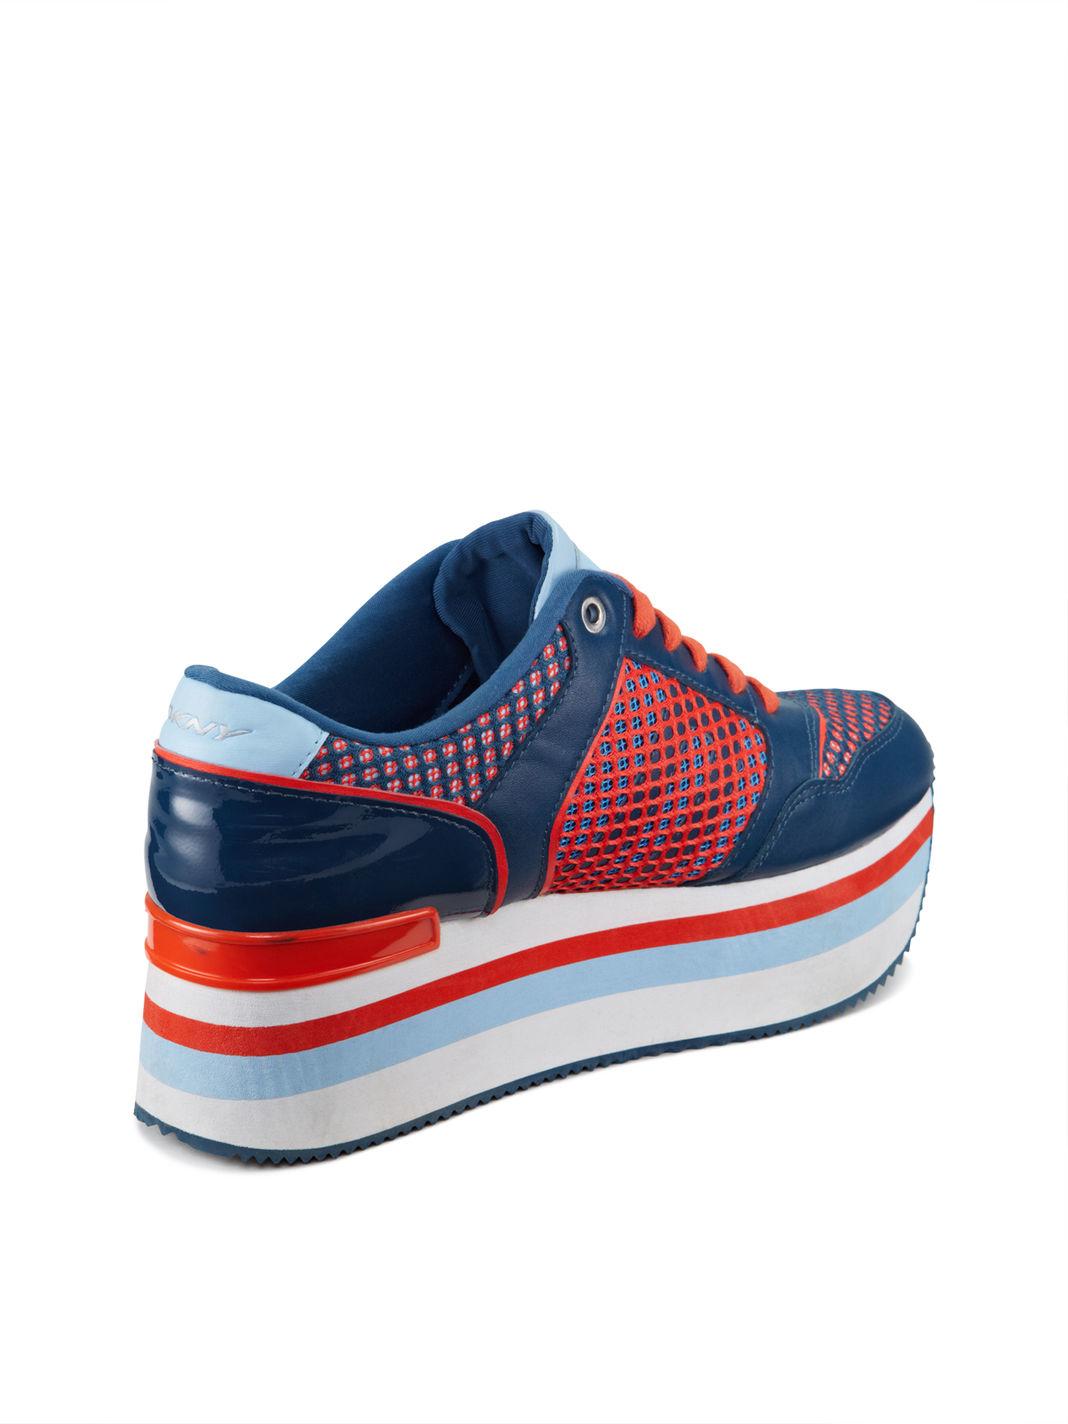 b006e41873b Lyst - DKNY Jill Platform Sneaker in Blue